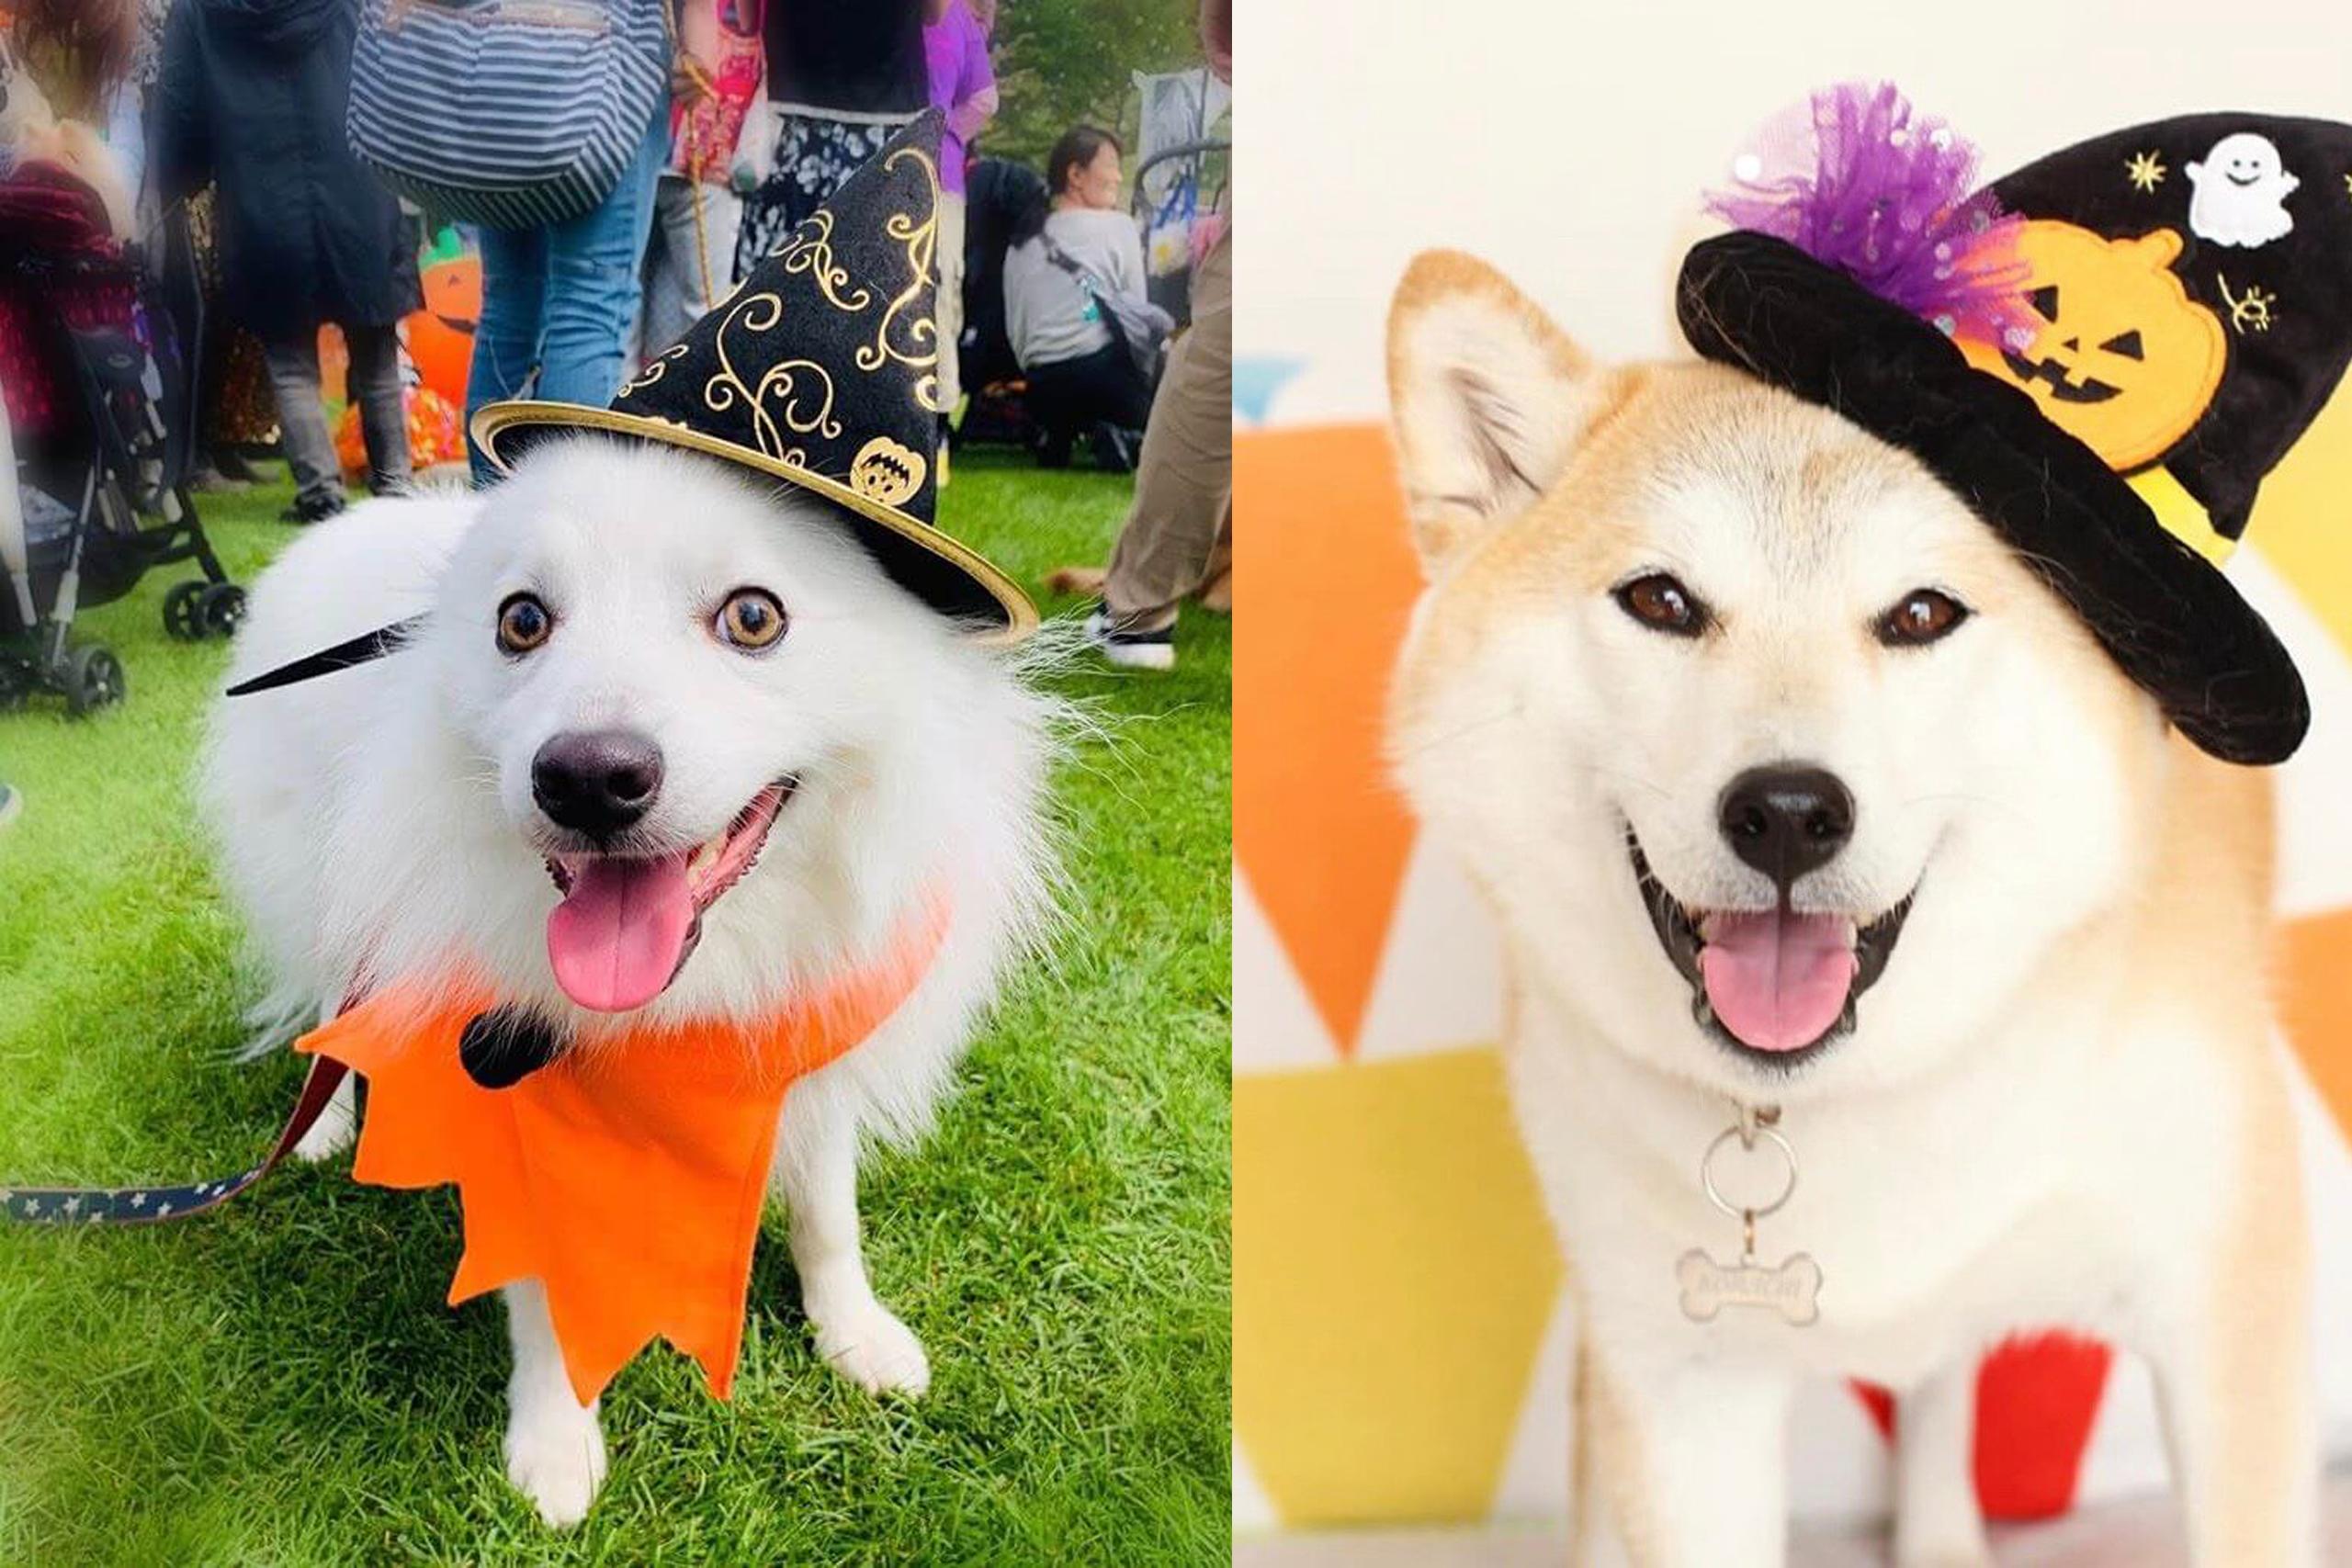 ハロウィン仮装大会愛犬とコスプレしステージ披露